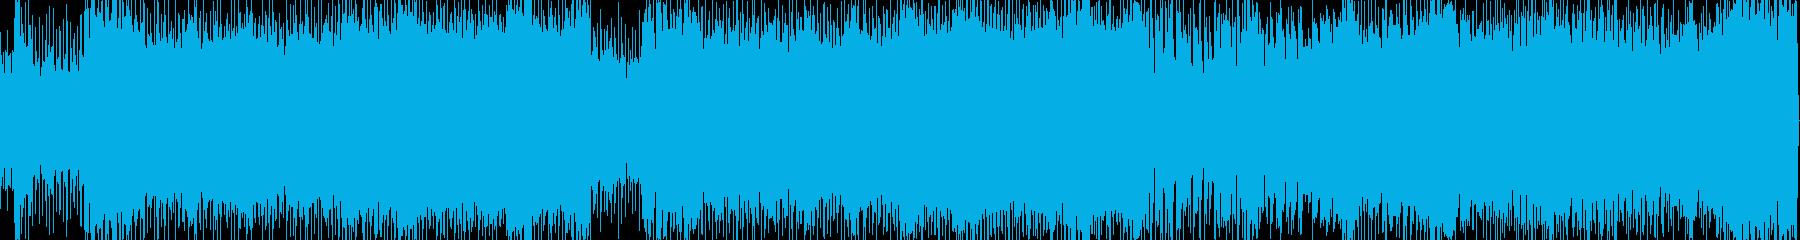 ロック企業PVゲーム系BGMループの再生済みの波形